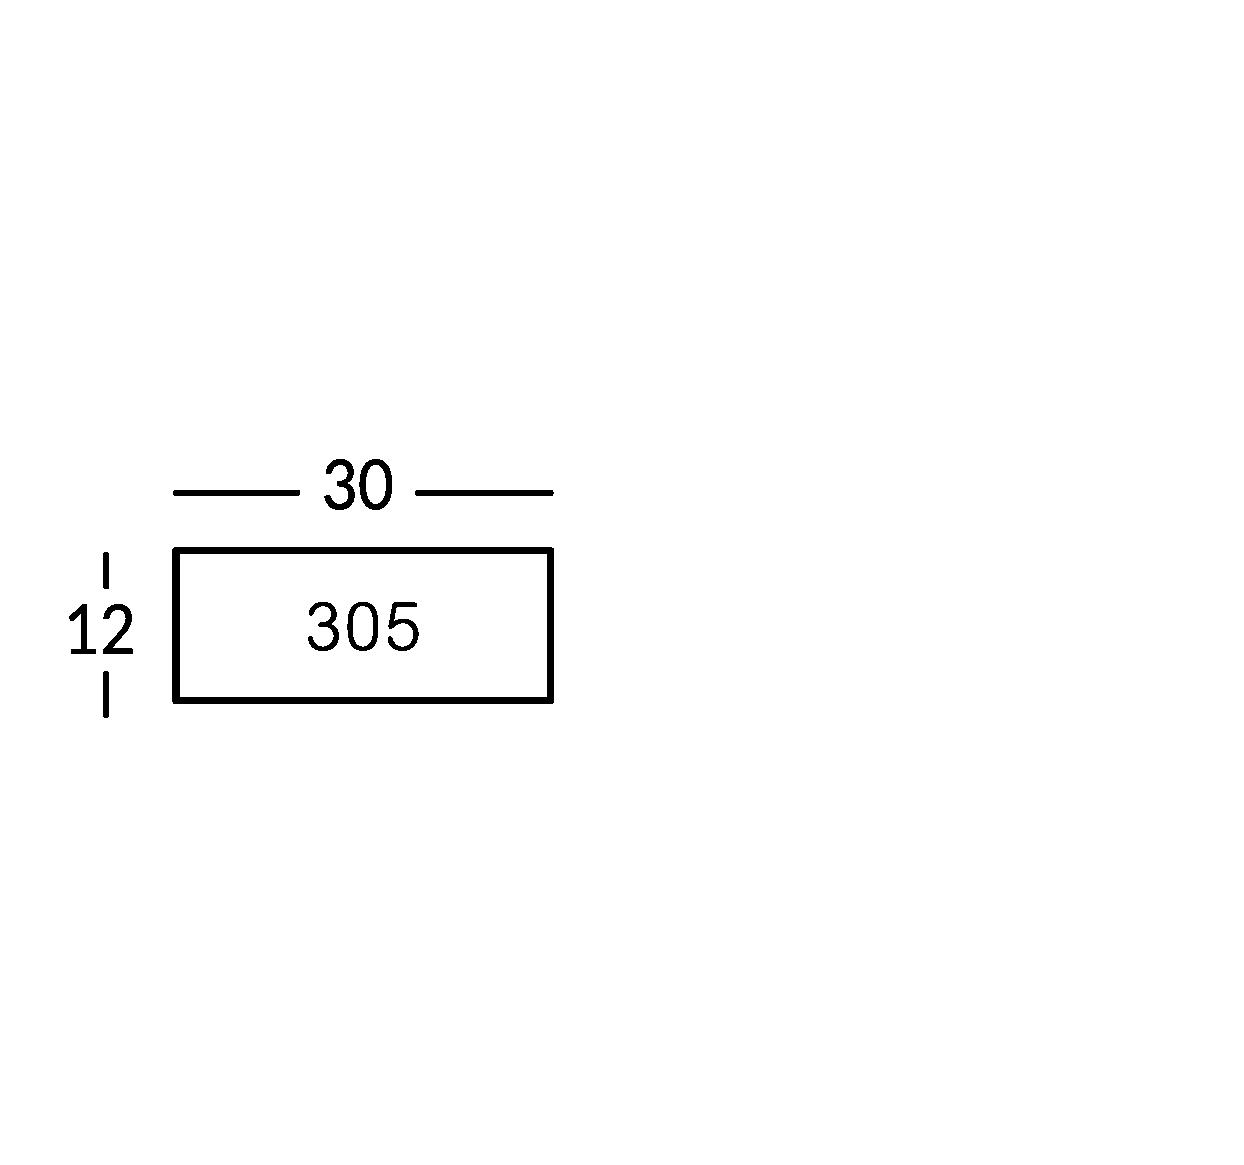 Linea di segnaletica in ottone anticato vintage, con caratteri incisi.